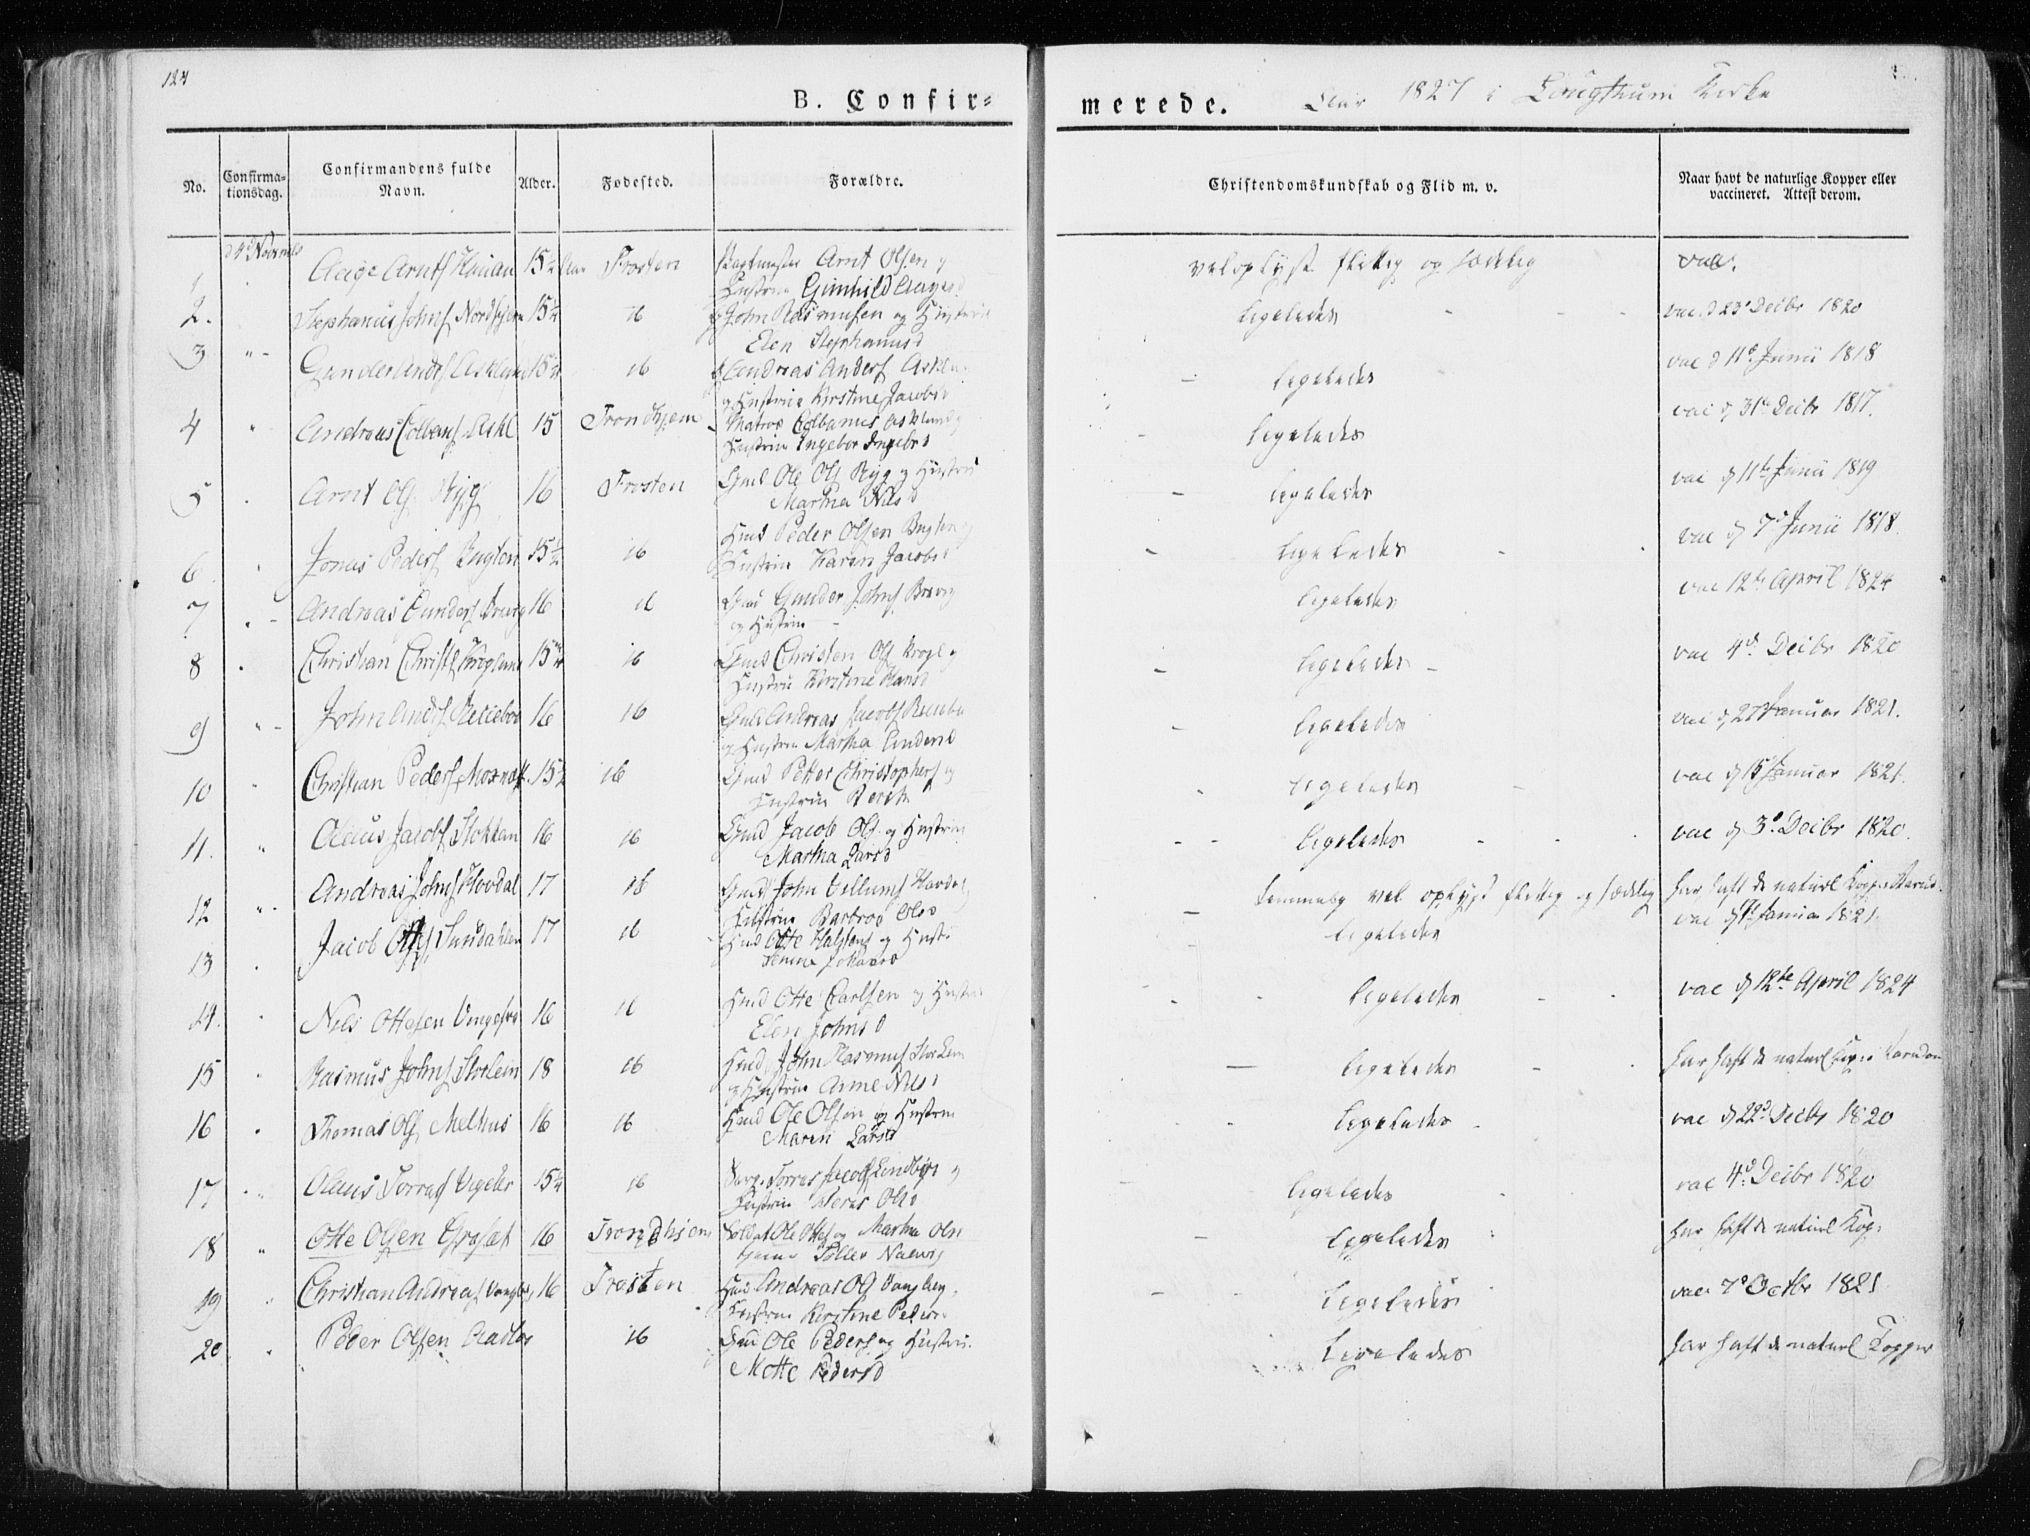 SAT, Ministerialprotokoller, klokkerbøker og fødselsregistre - Nord-Trøndelag, 713/L0114: Ministerialbok nr. 713A05, 1827-1839, s. 124